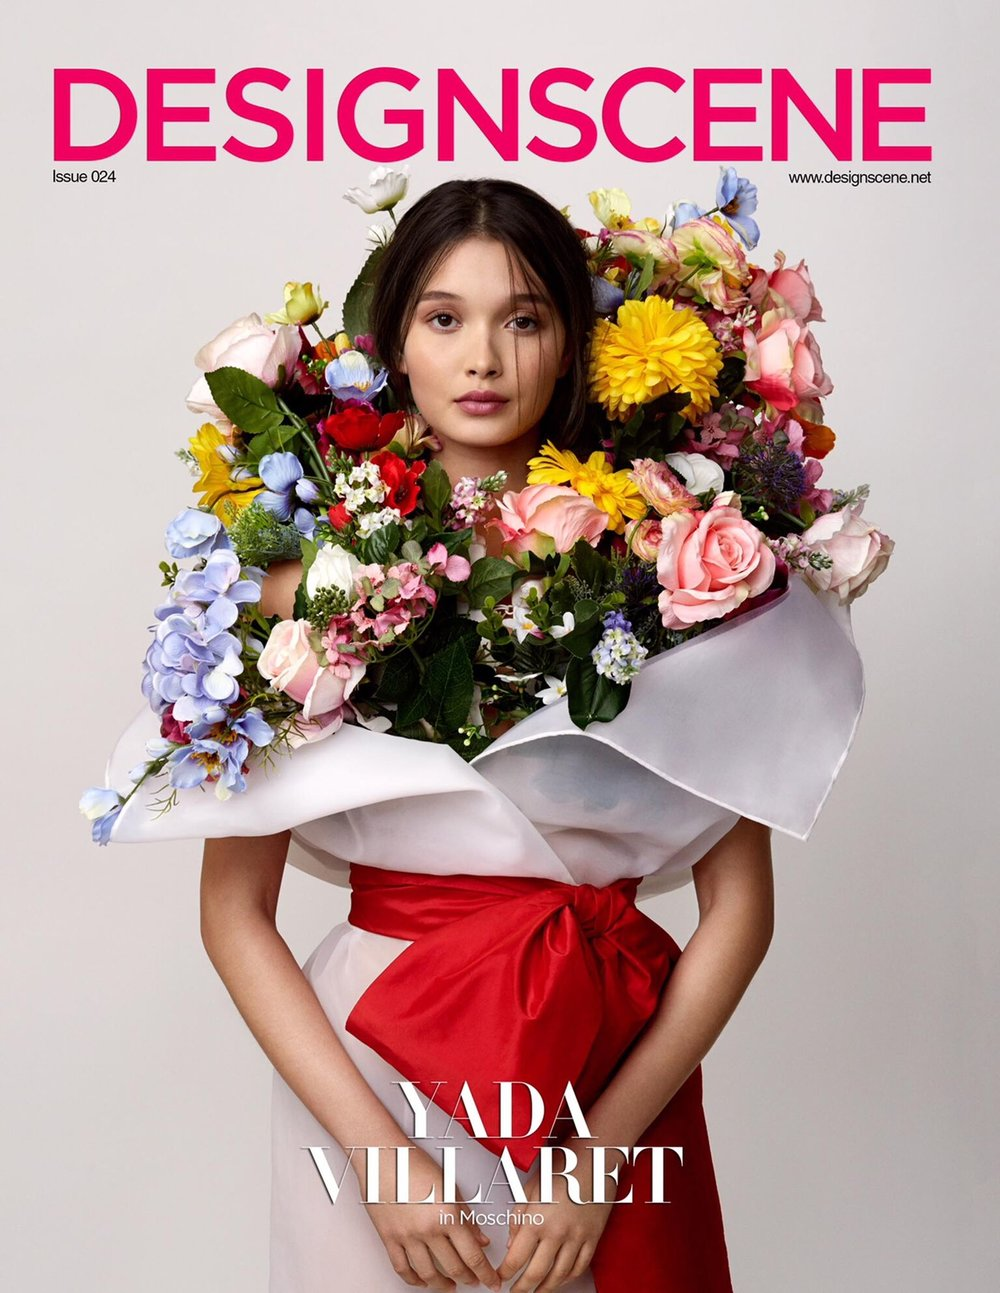 issue 24 design scene magazine cover.jpg